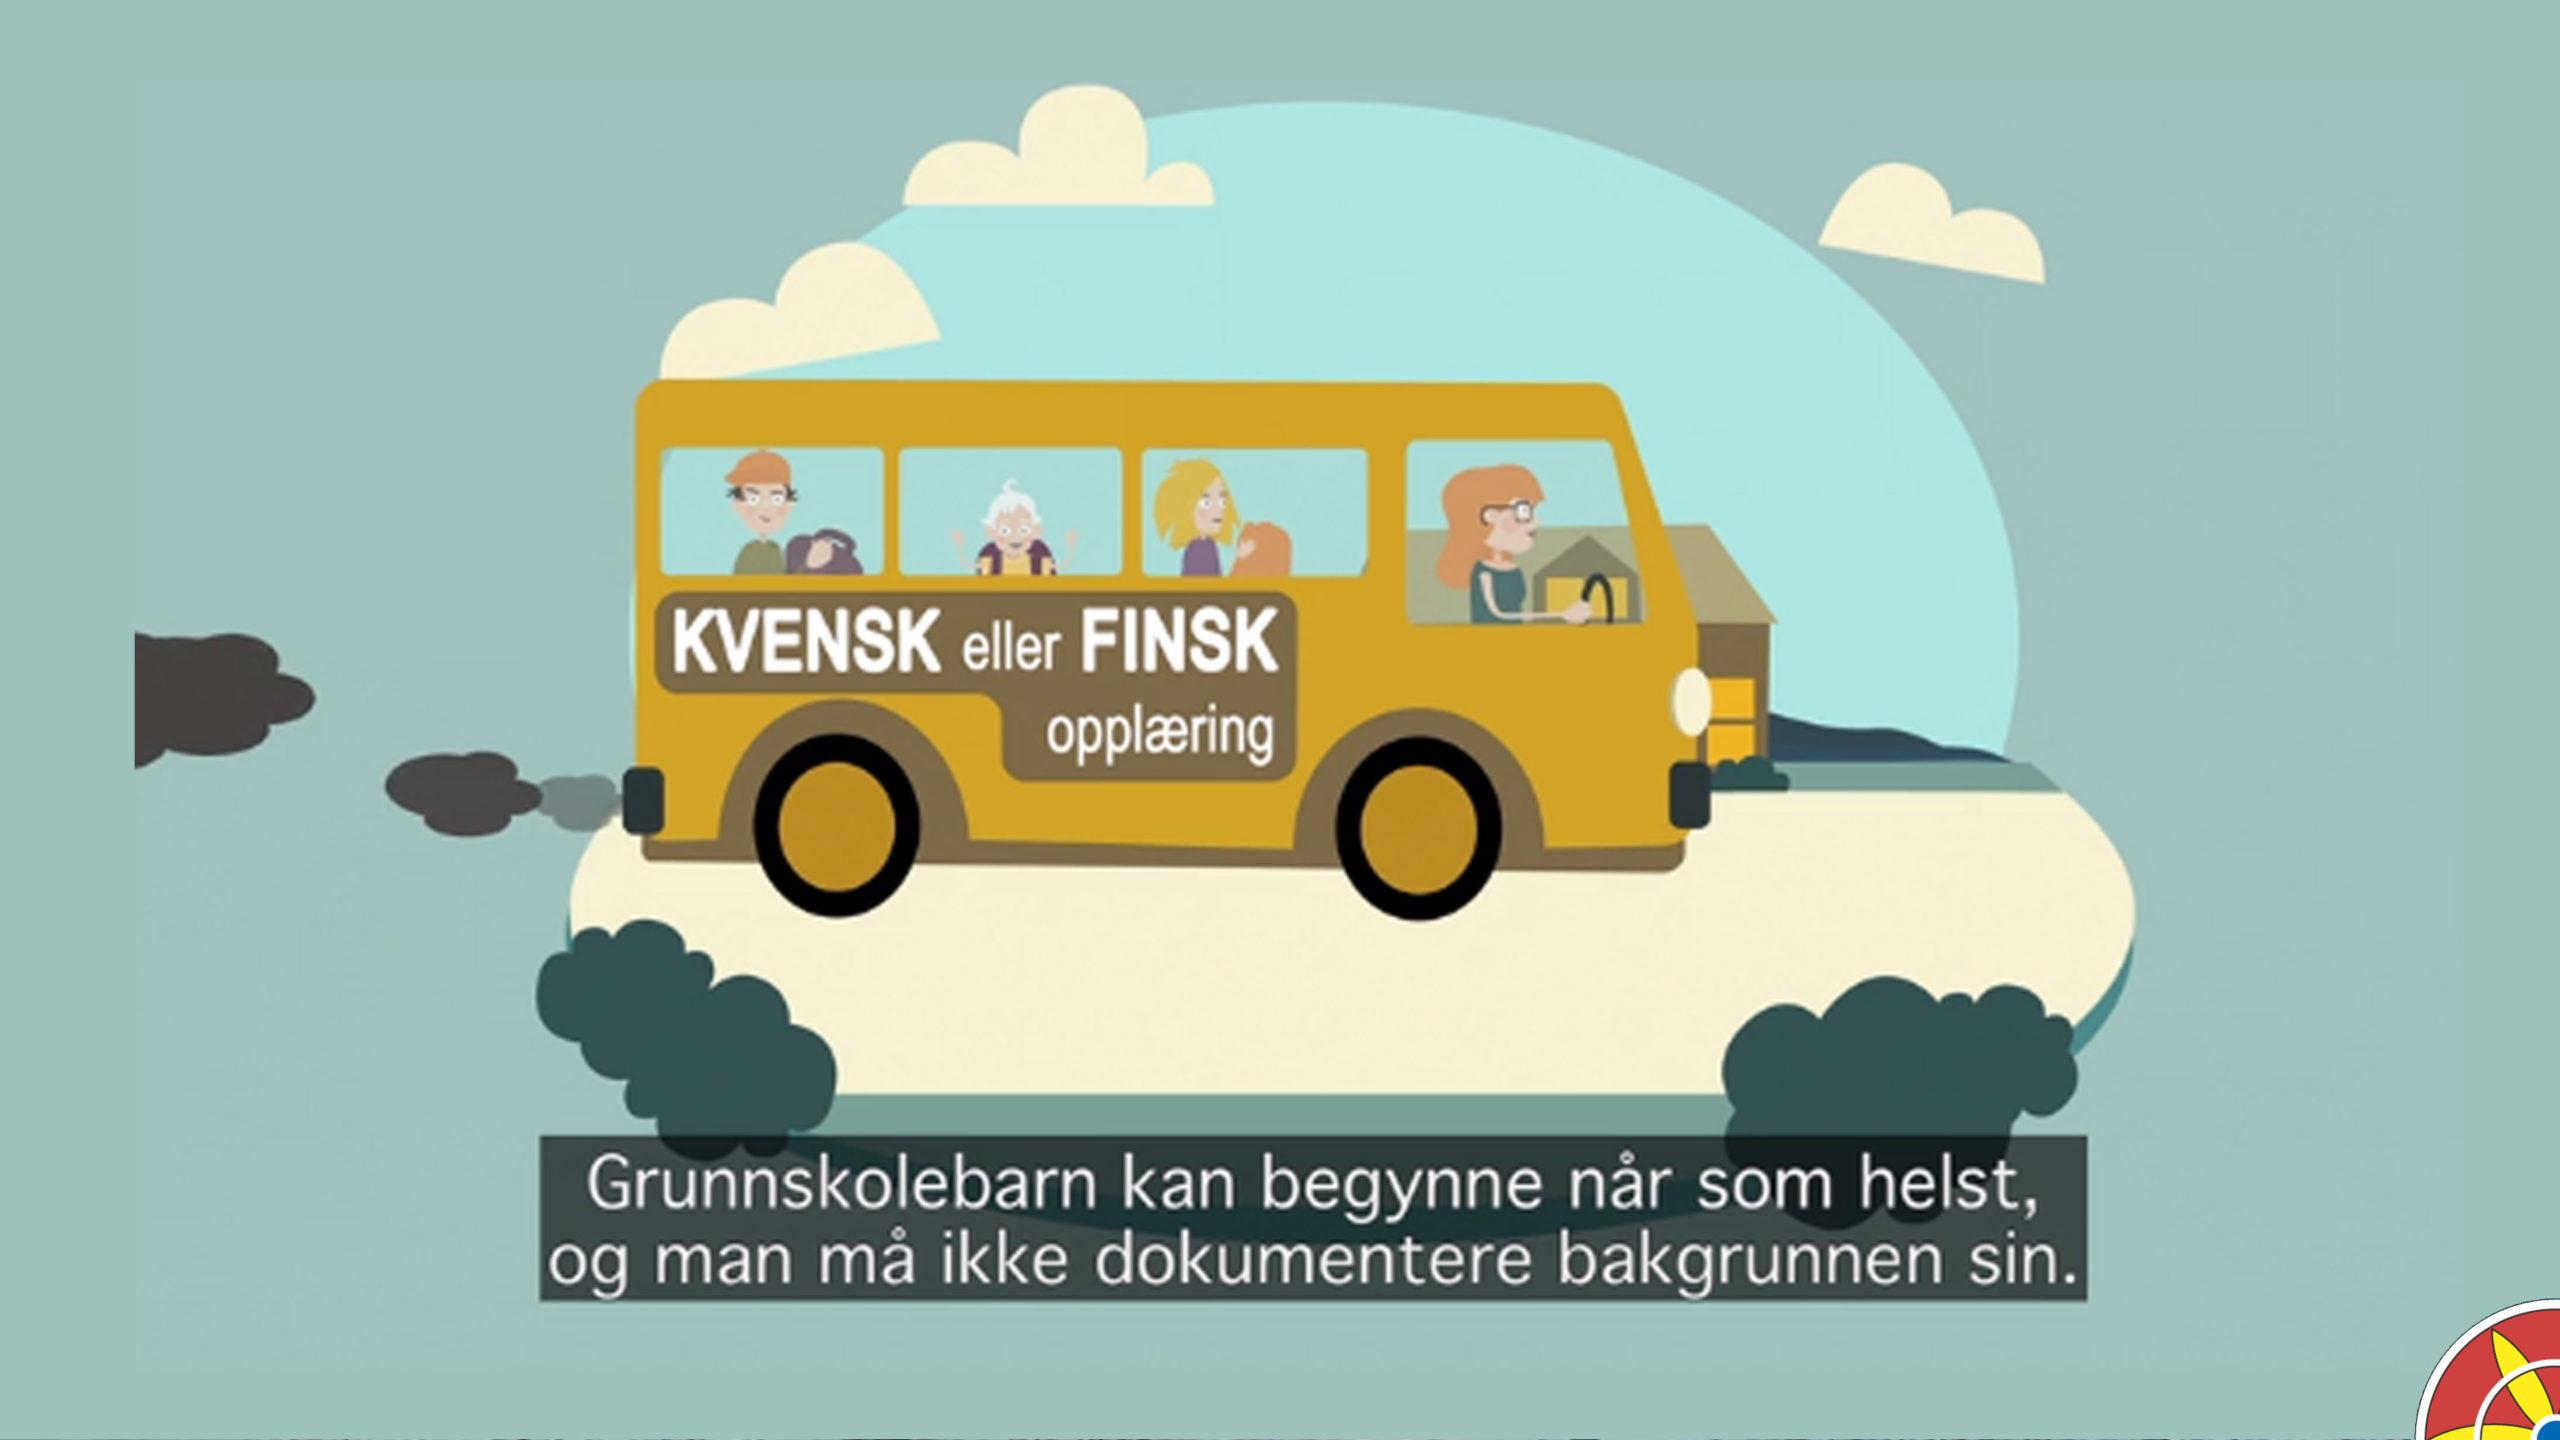 Udir og Leidar lager film om opplrøingsretten til kvensk eller finsk